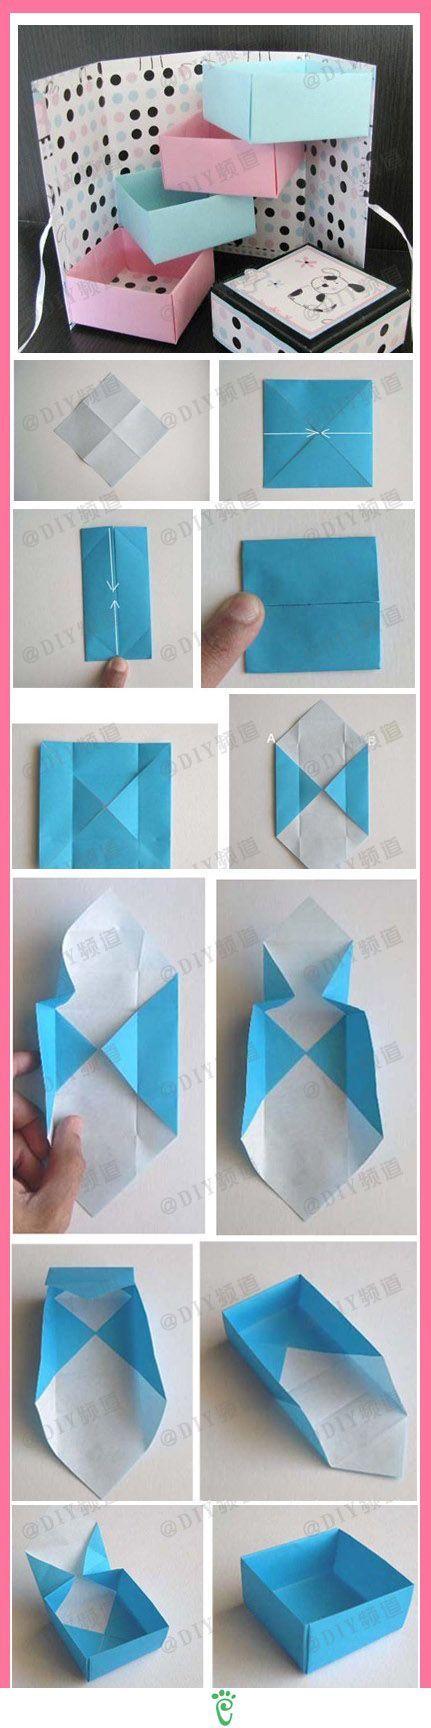 Außergewöhnliche Schachteln aus Papier. Origami Anleitung für eine tolle Verpackung